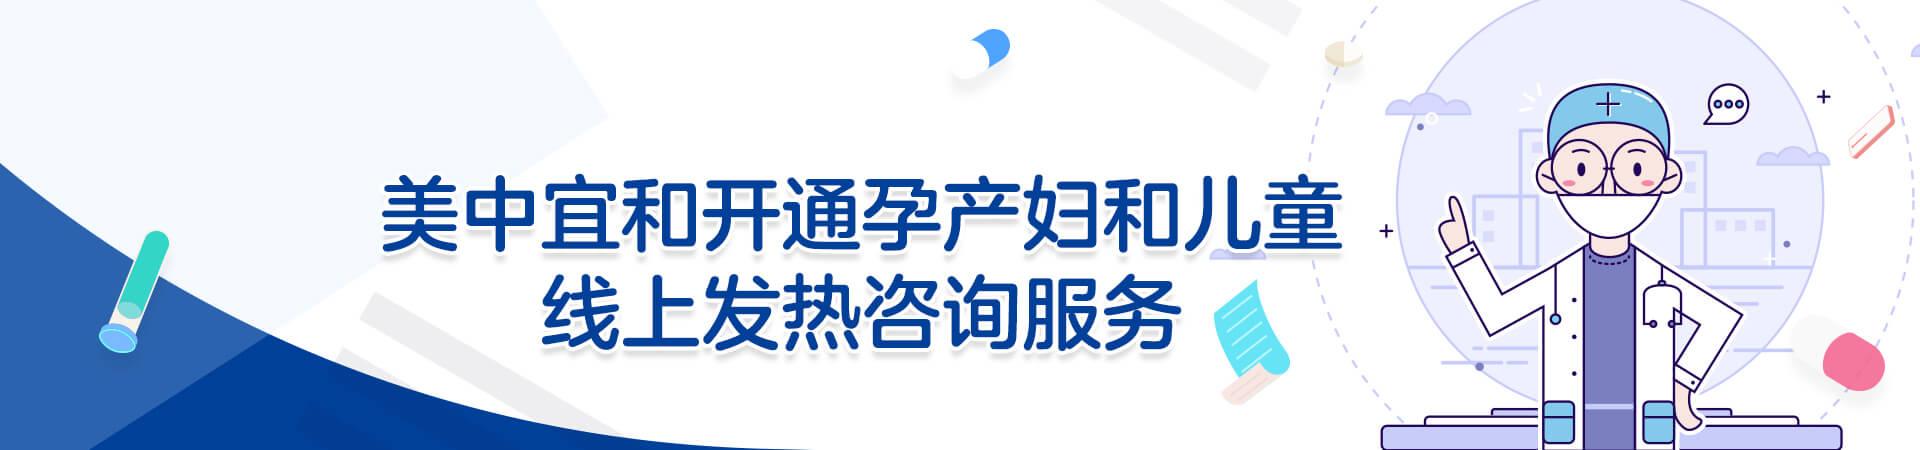 美(mei)中宜和開通孕產婦和兒童(tong)線上(shang)發熱咨詢服務